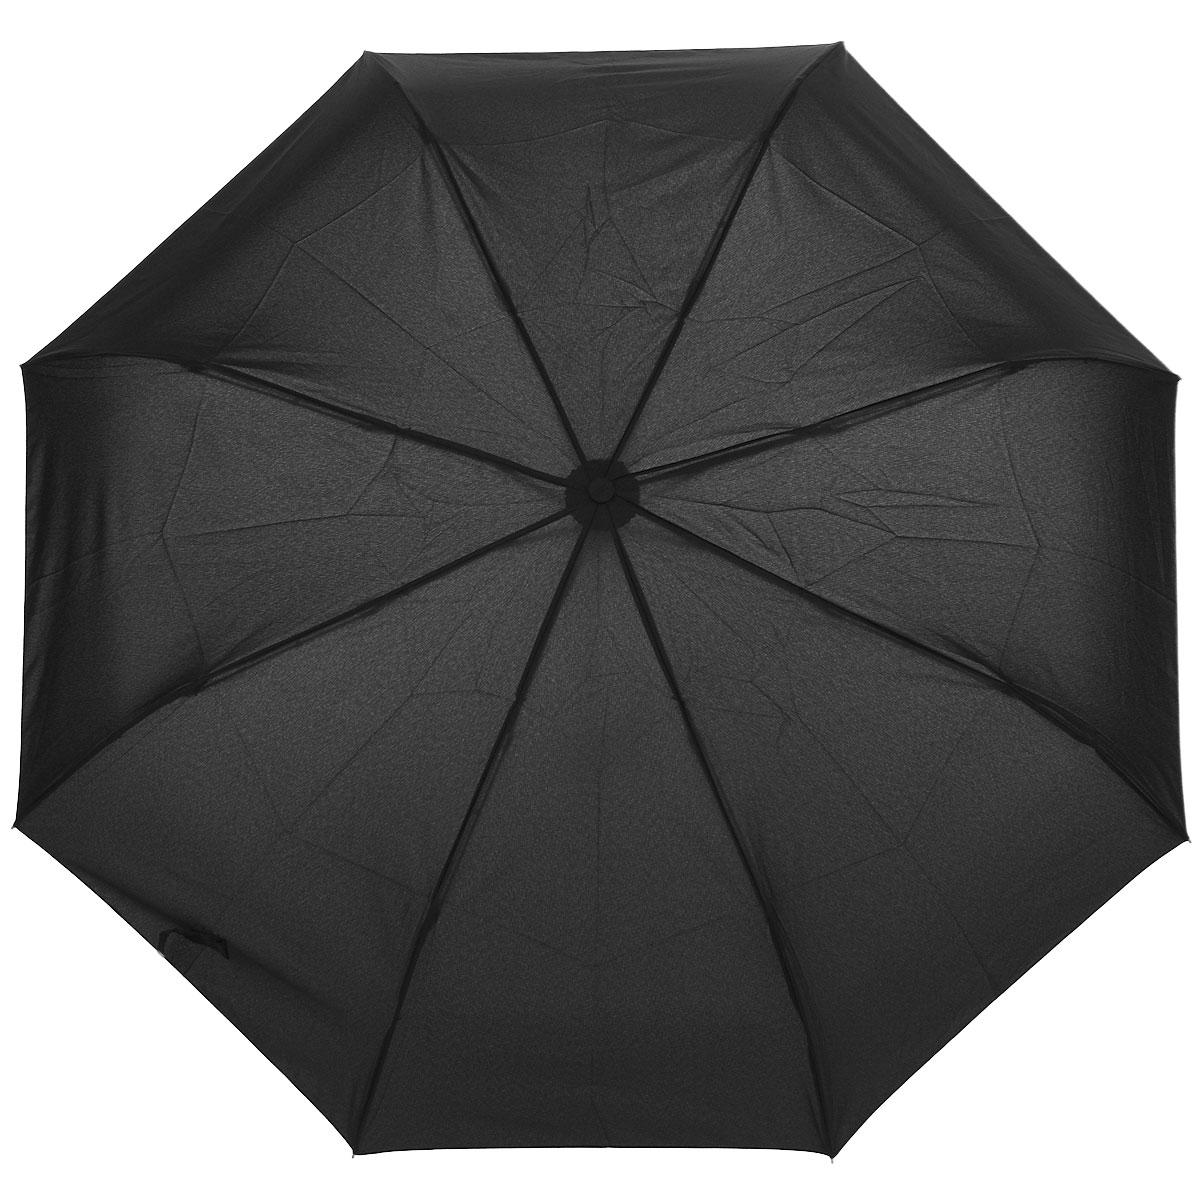 Зонт мужской Zest, автомат, 3 сложения, цвет: черный. 13720 зонт мужской  zest   автомат  3